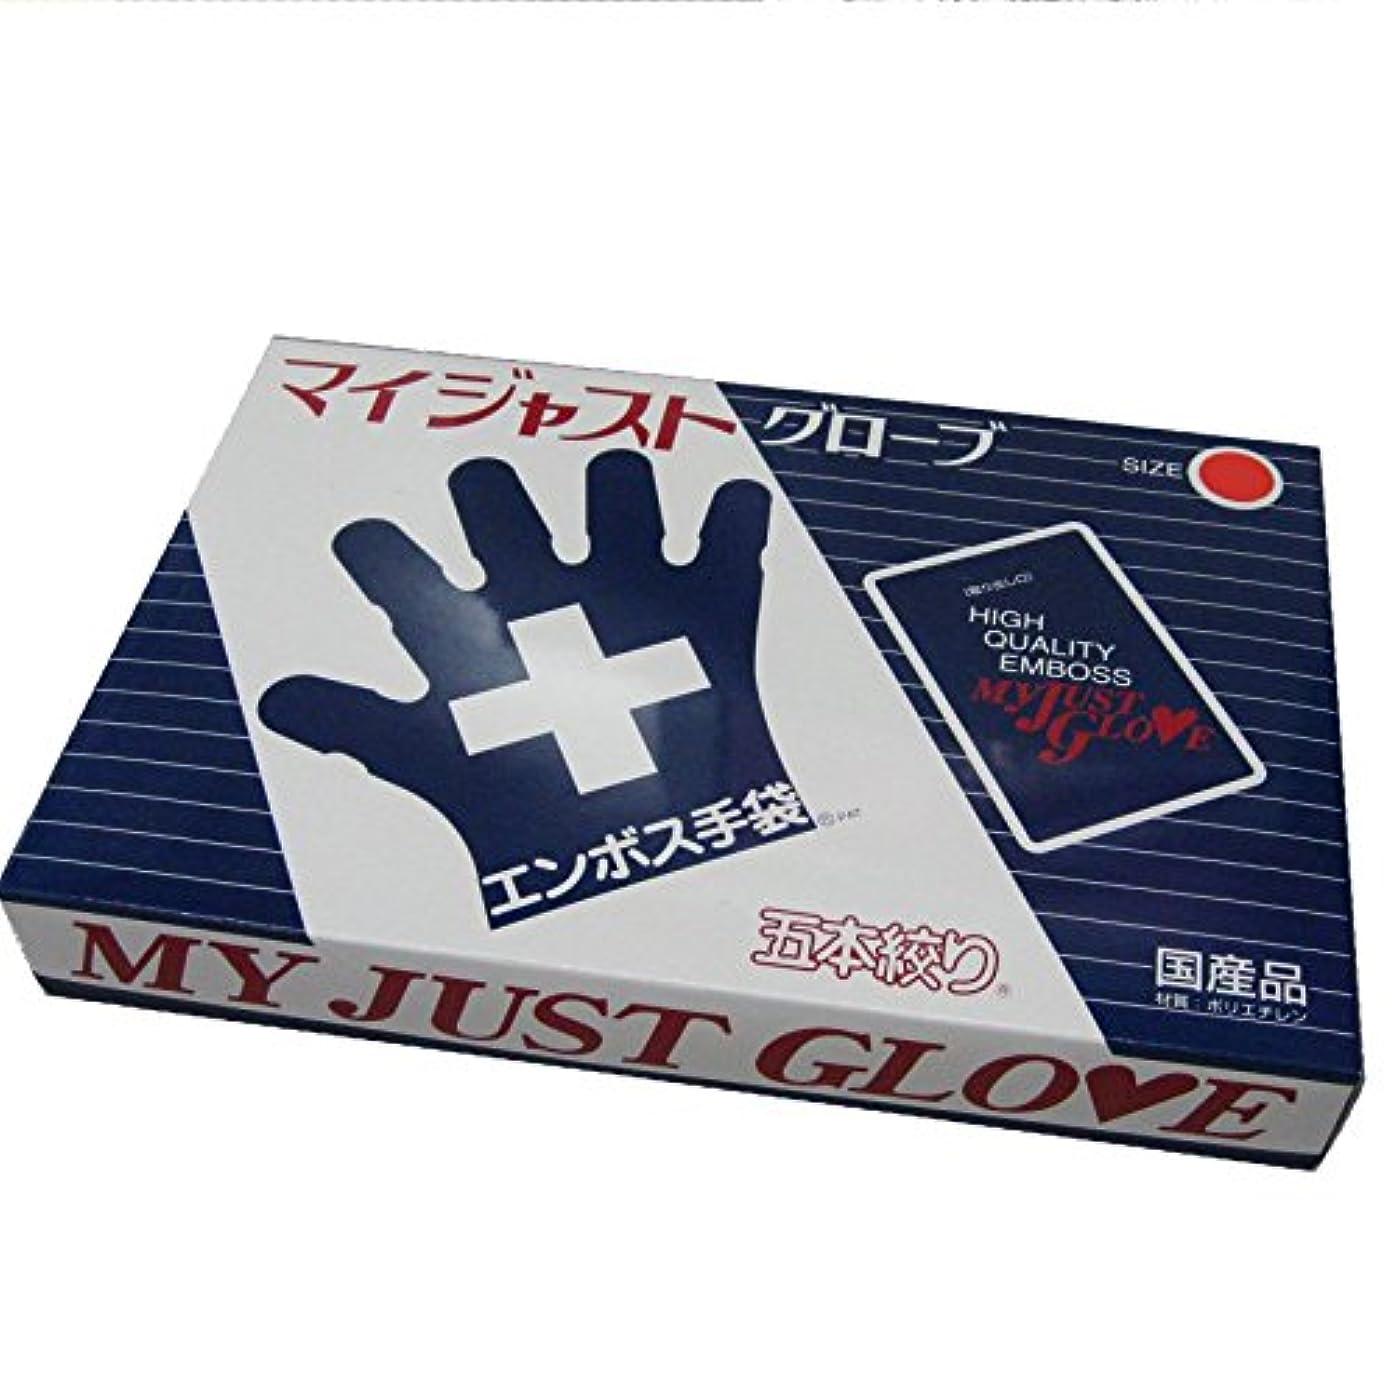 やさしい抵抗生産的エンボス手袋 マイジャストグローブ五本絞り 200枚入 Mサイズ 化粧箱